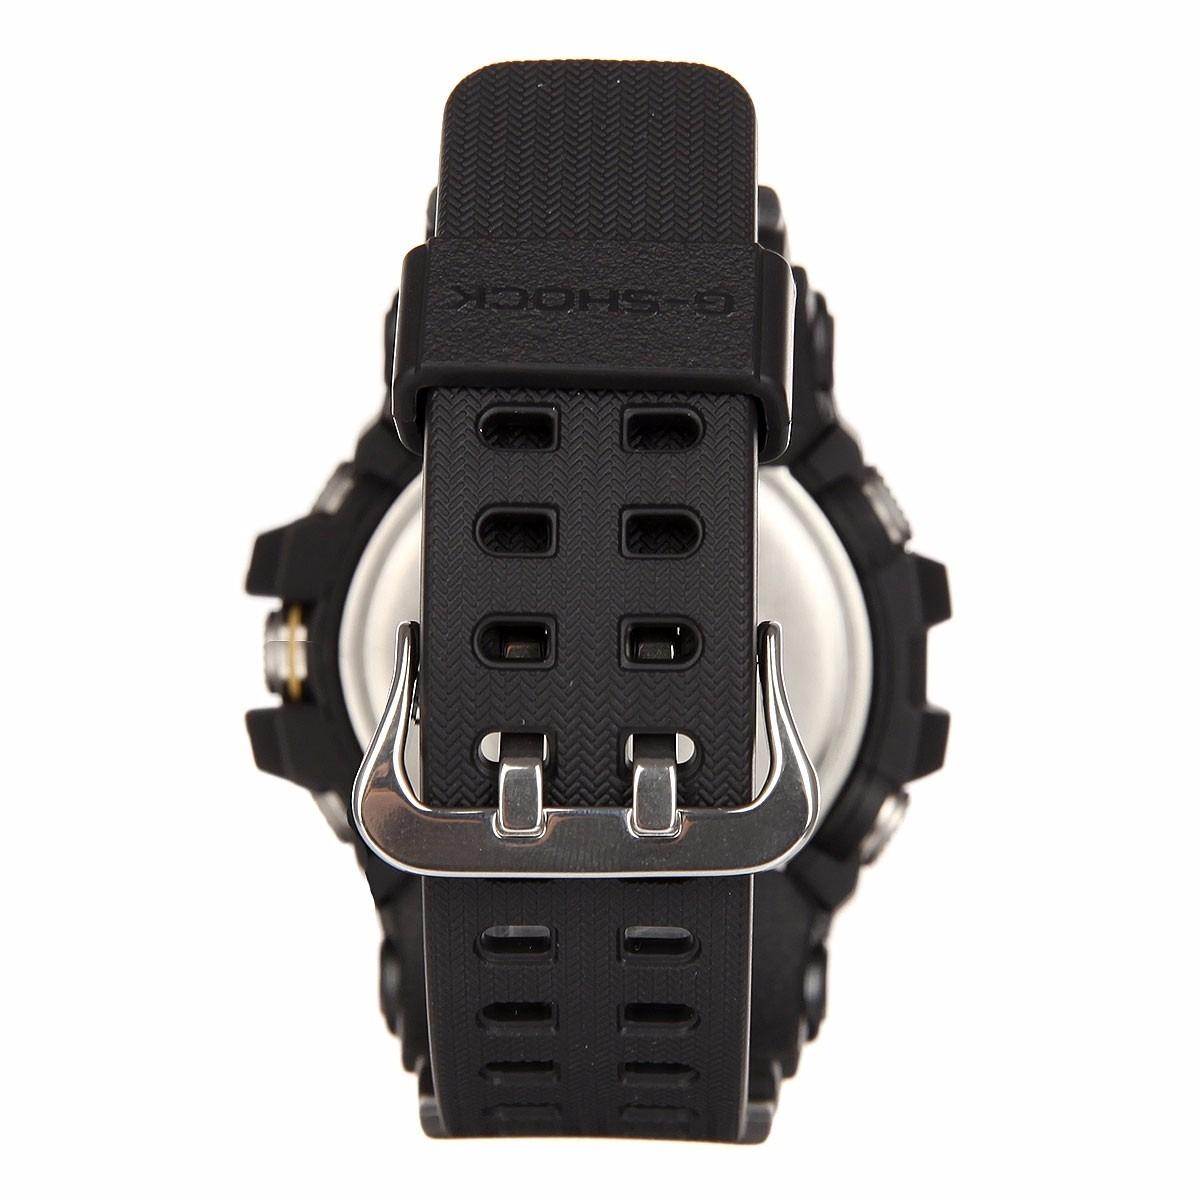 34cd3606bca relógio casio g-shock gg-1000gb-1a mudmaster ga1000. Carregando zoom.